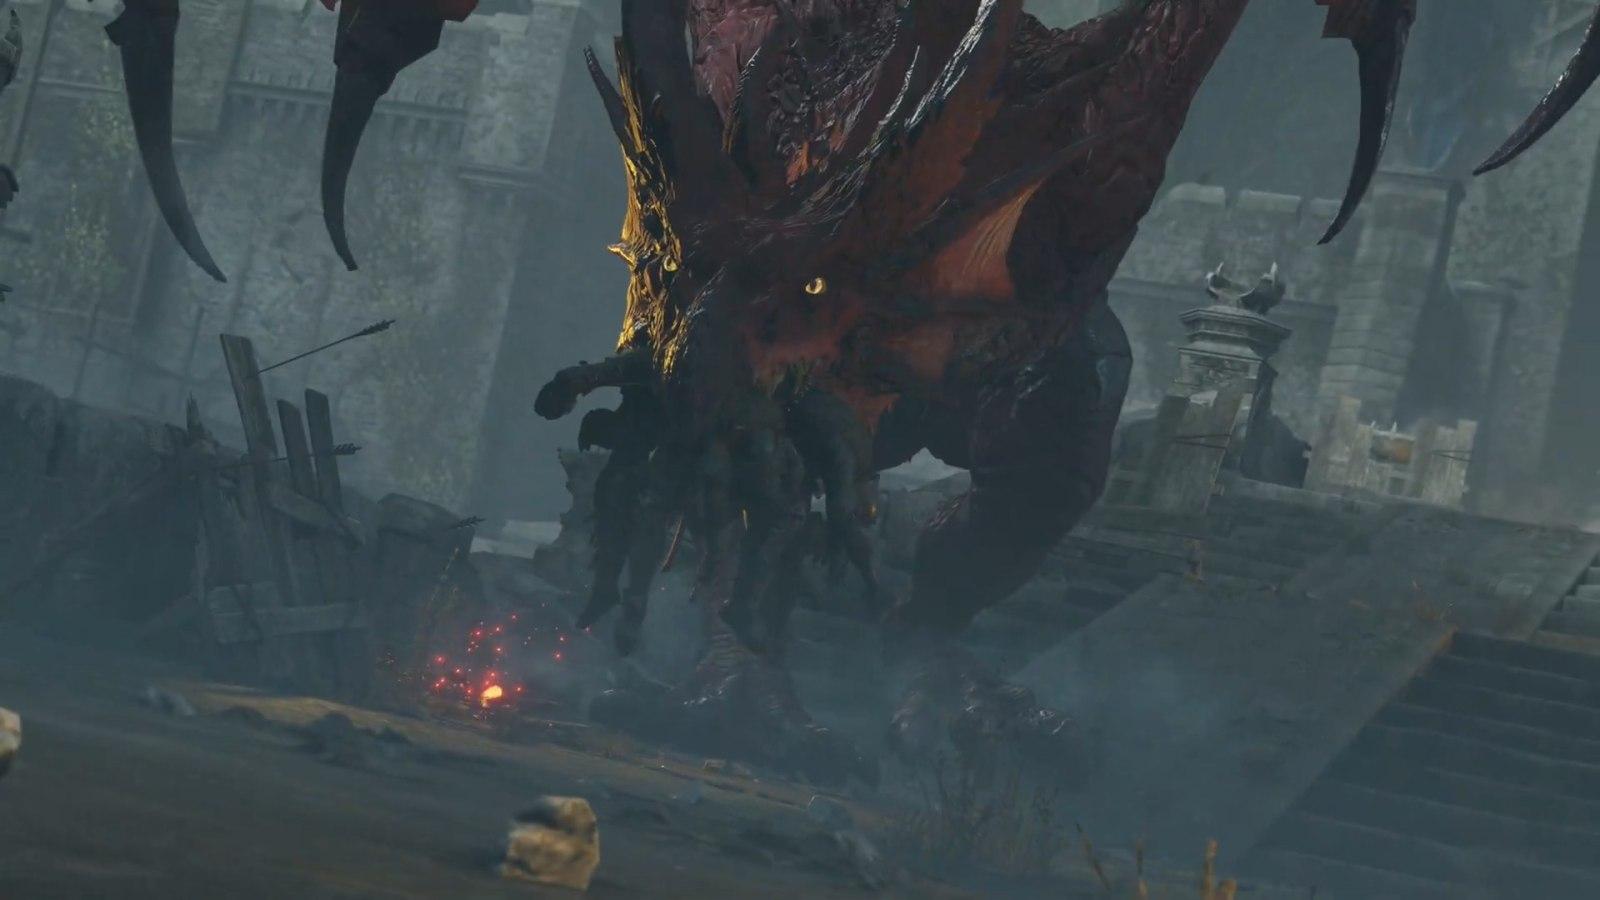 《恶魔之魂 重制版》公布12分钟实机游玩演示